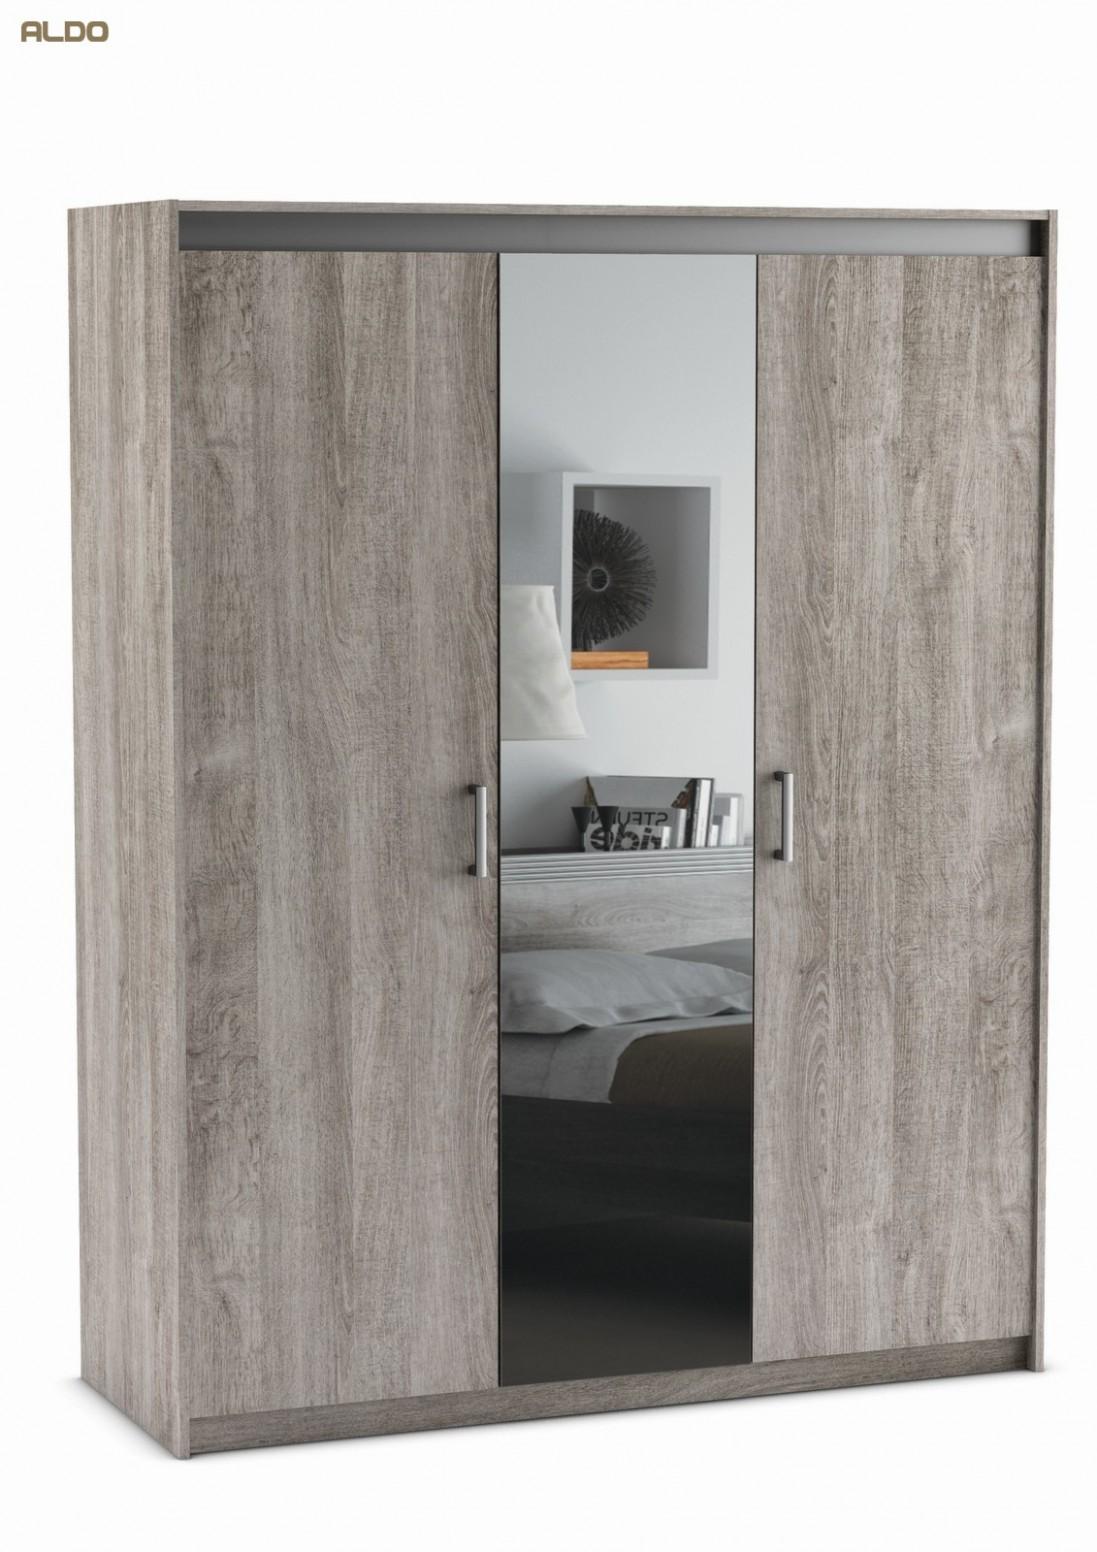 Šatní skříň se zrcadlem Diva 67 | Nábytek Aldo